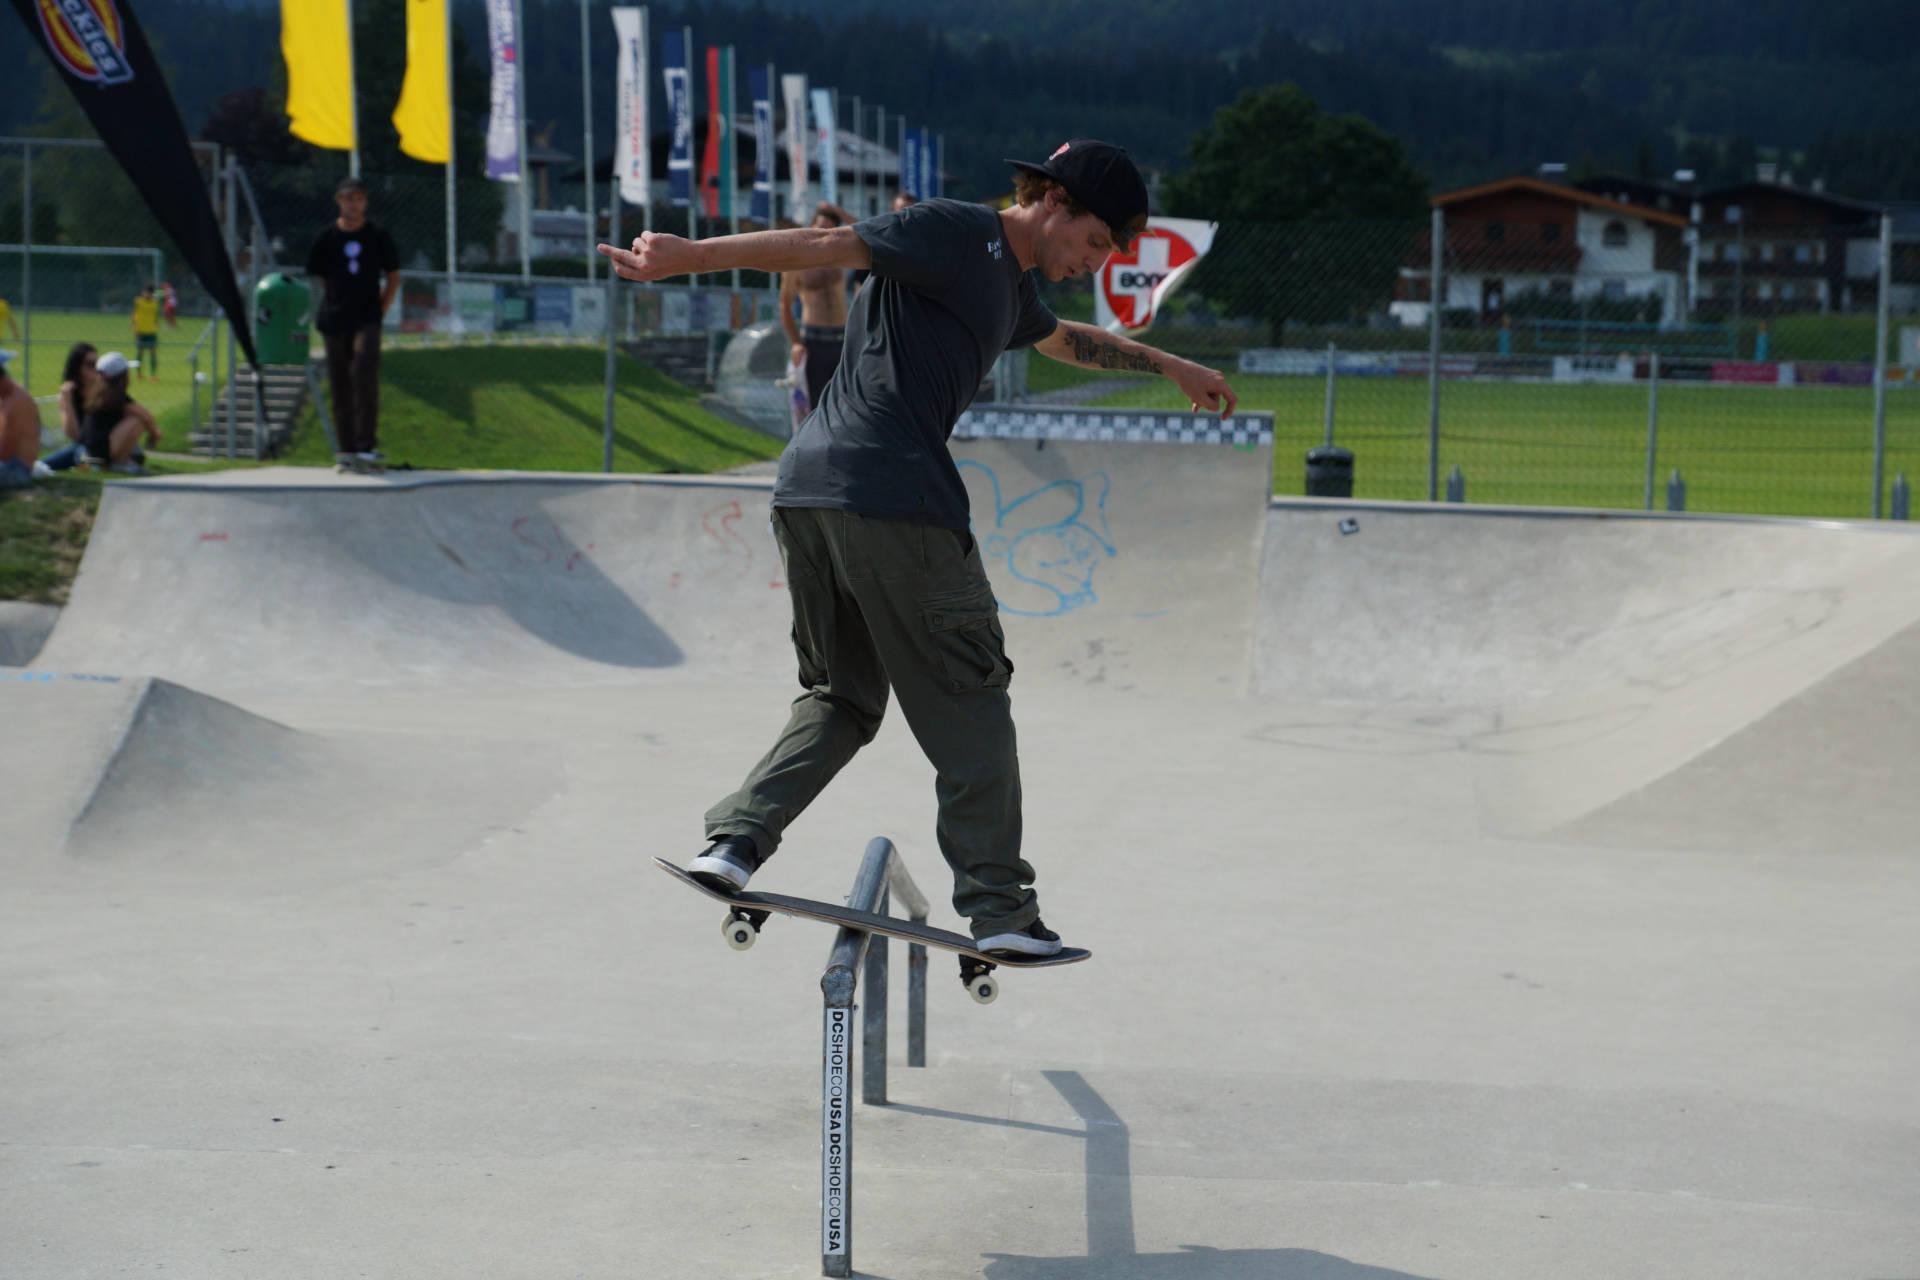 skateboardheadz st johann in tirol kgt 2019 finale 00076